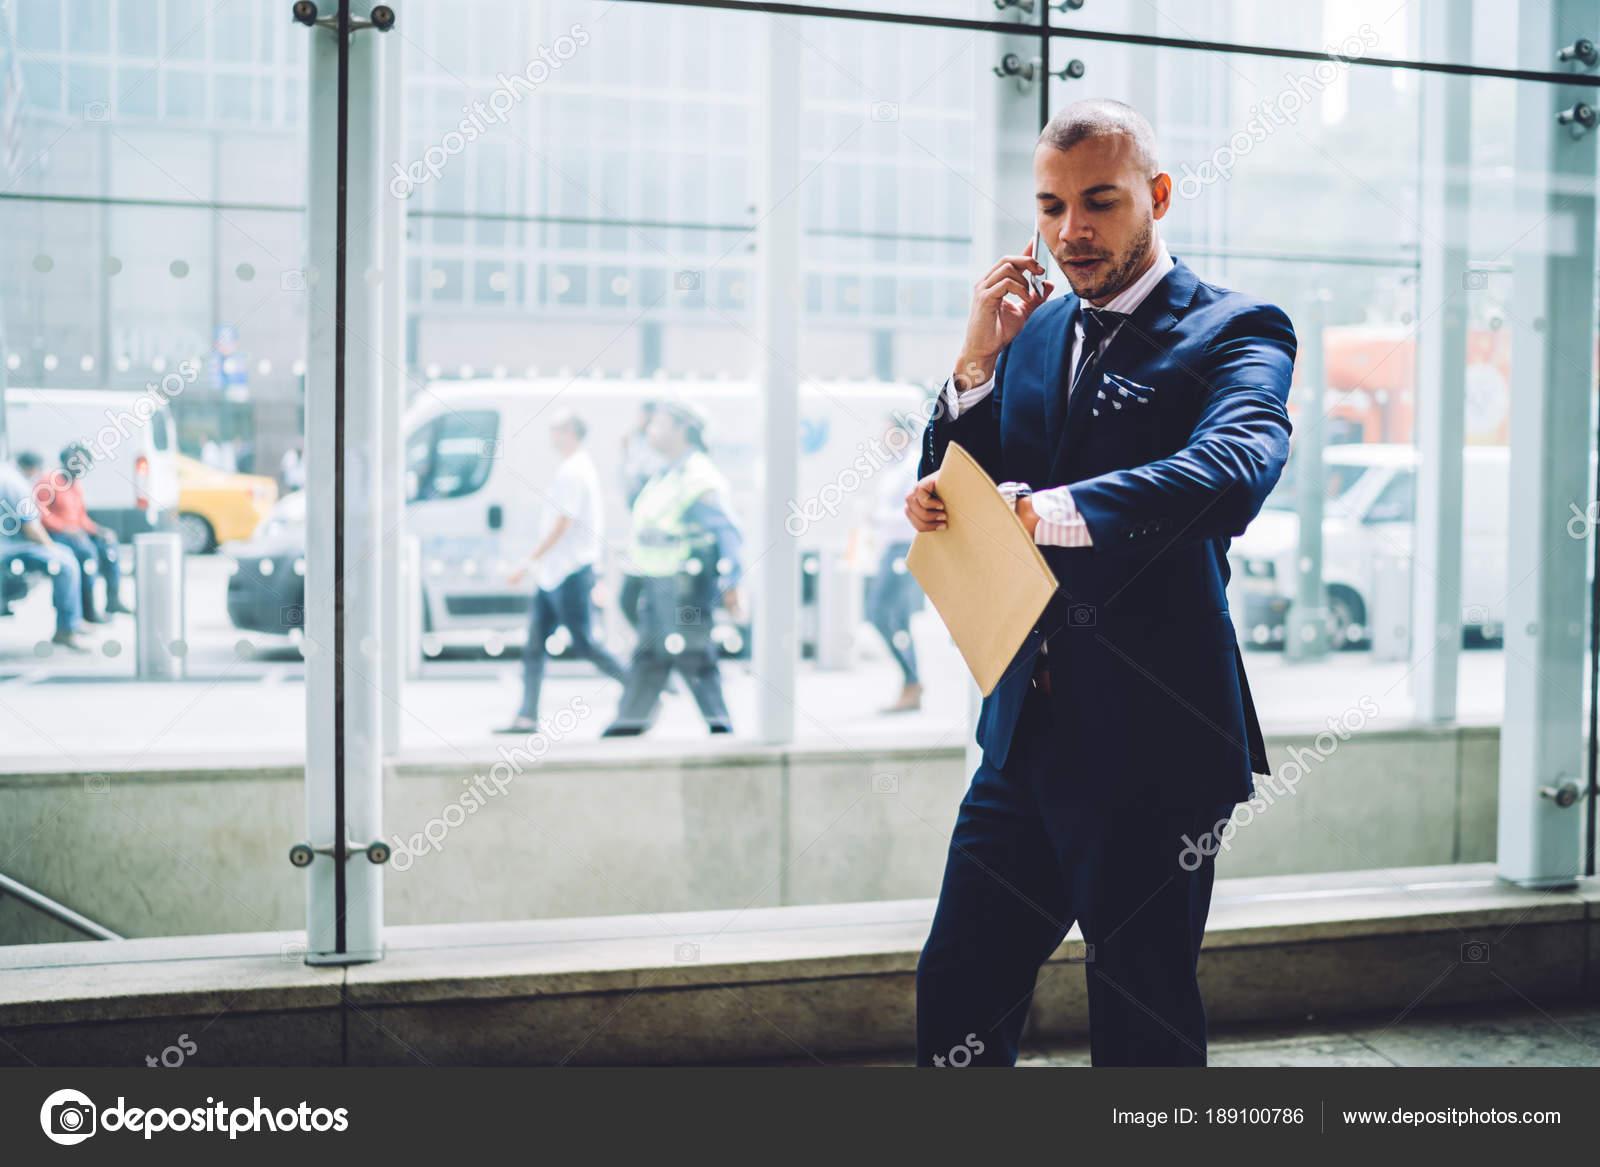 Vestito Elegante Ufficio : Uomo affari serio vestito elegante controllo tempo fretta ufficio